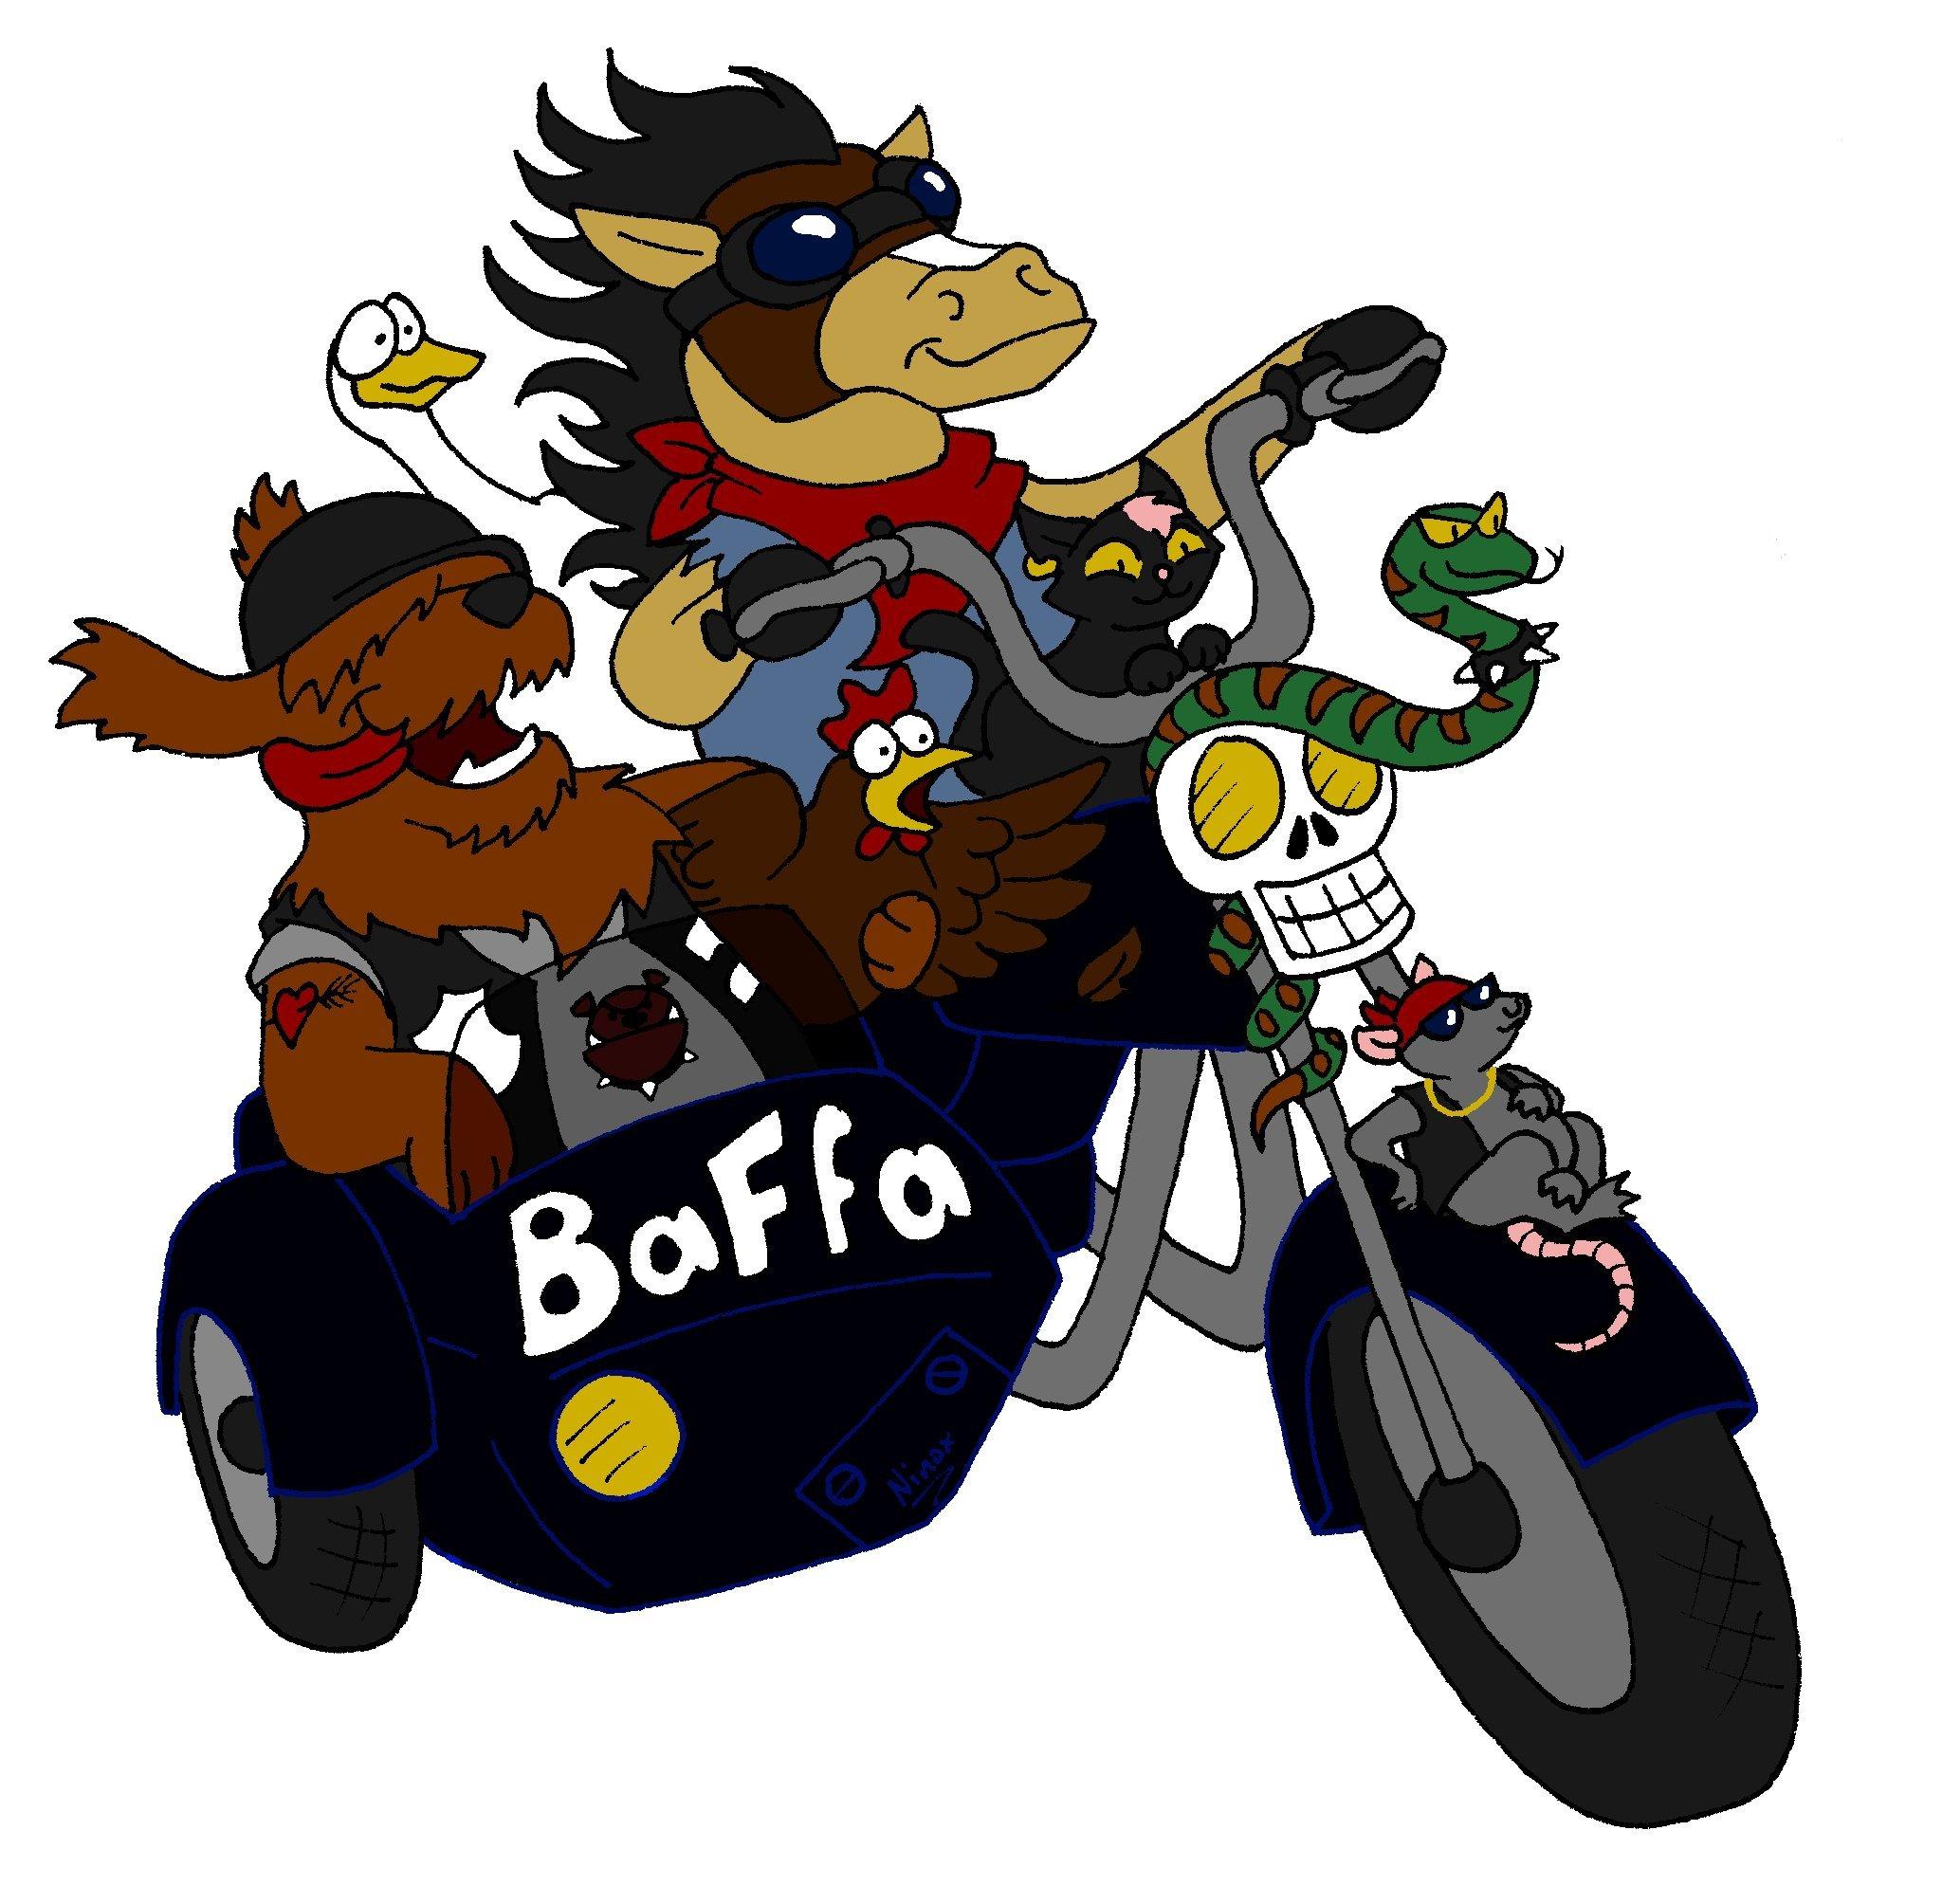 BaFfa-Farbe3-1.jpg